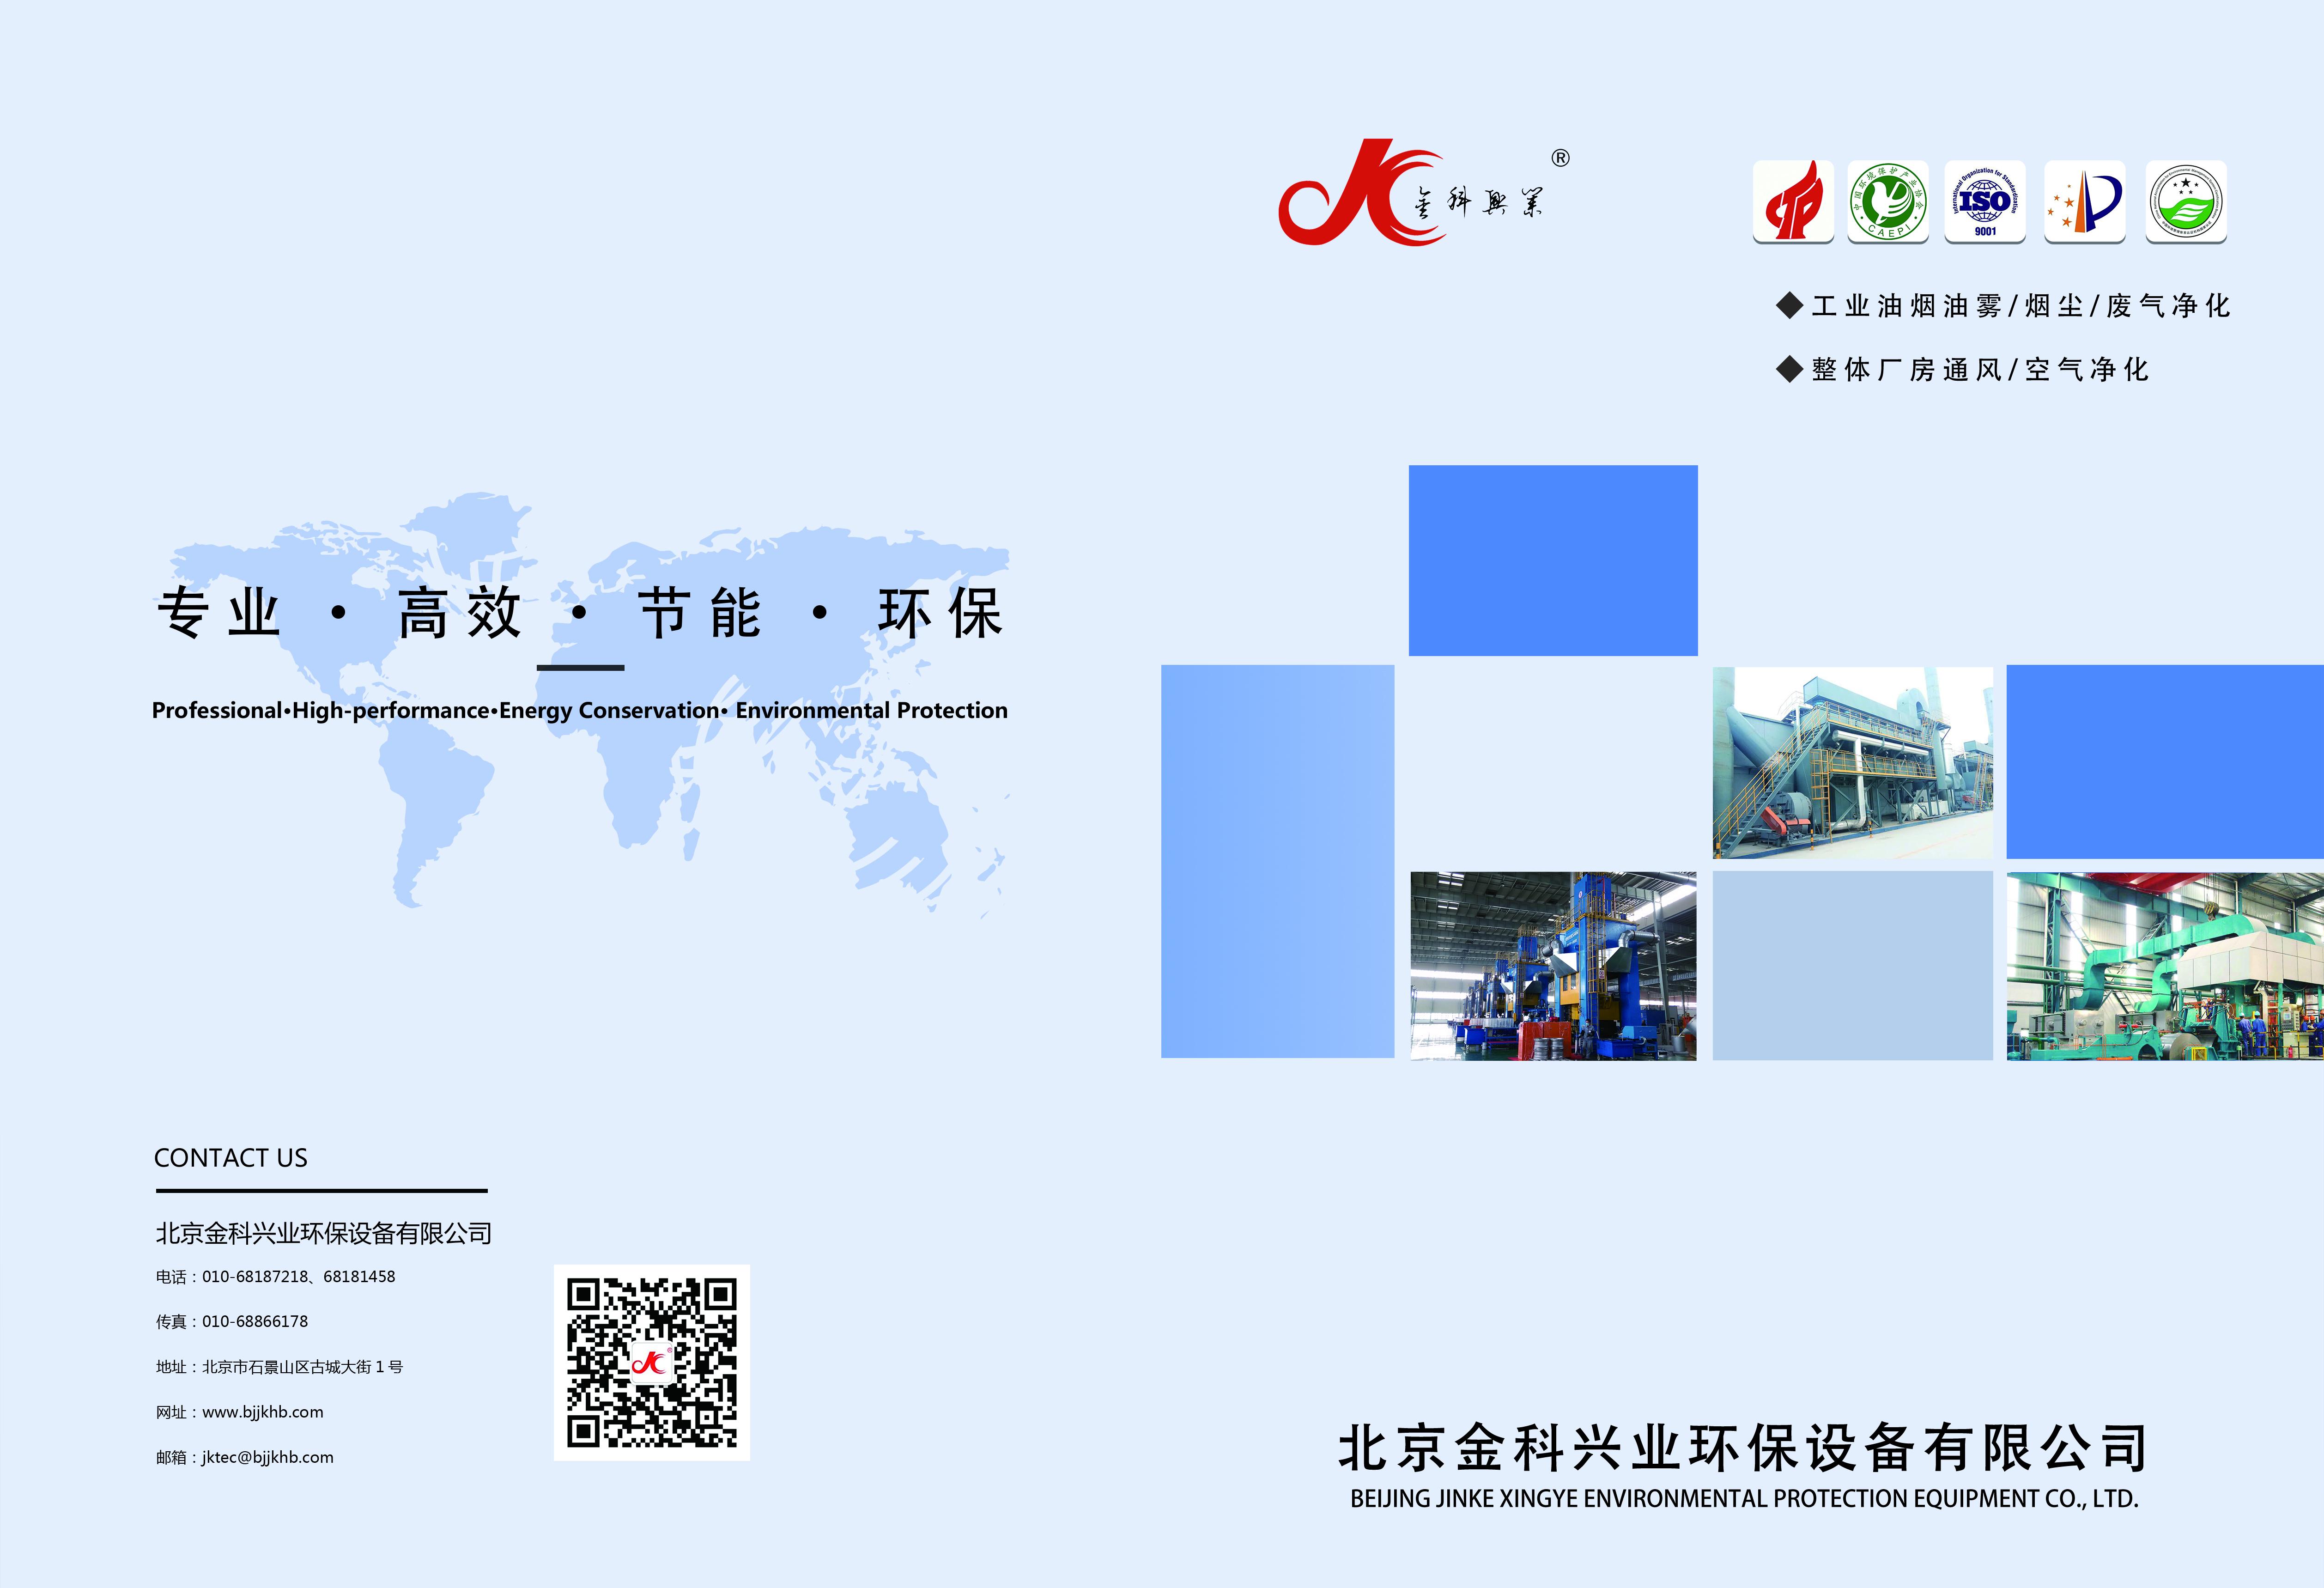 金科兴业环保 工厂环保污染治理设备样本